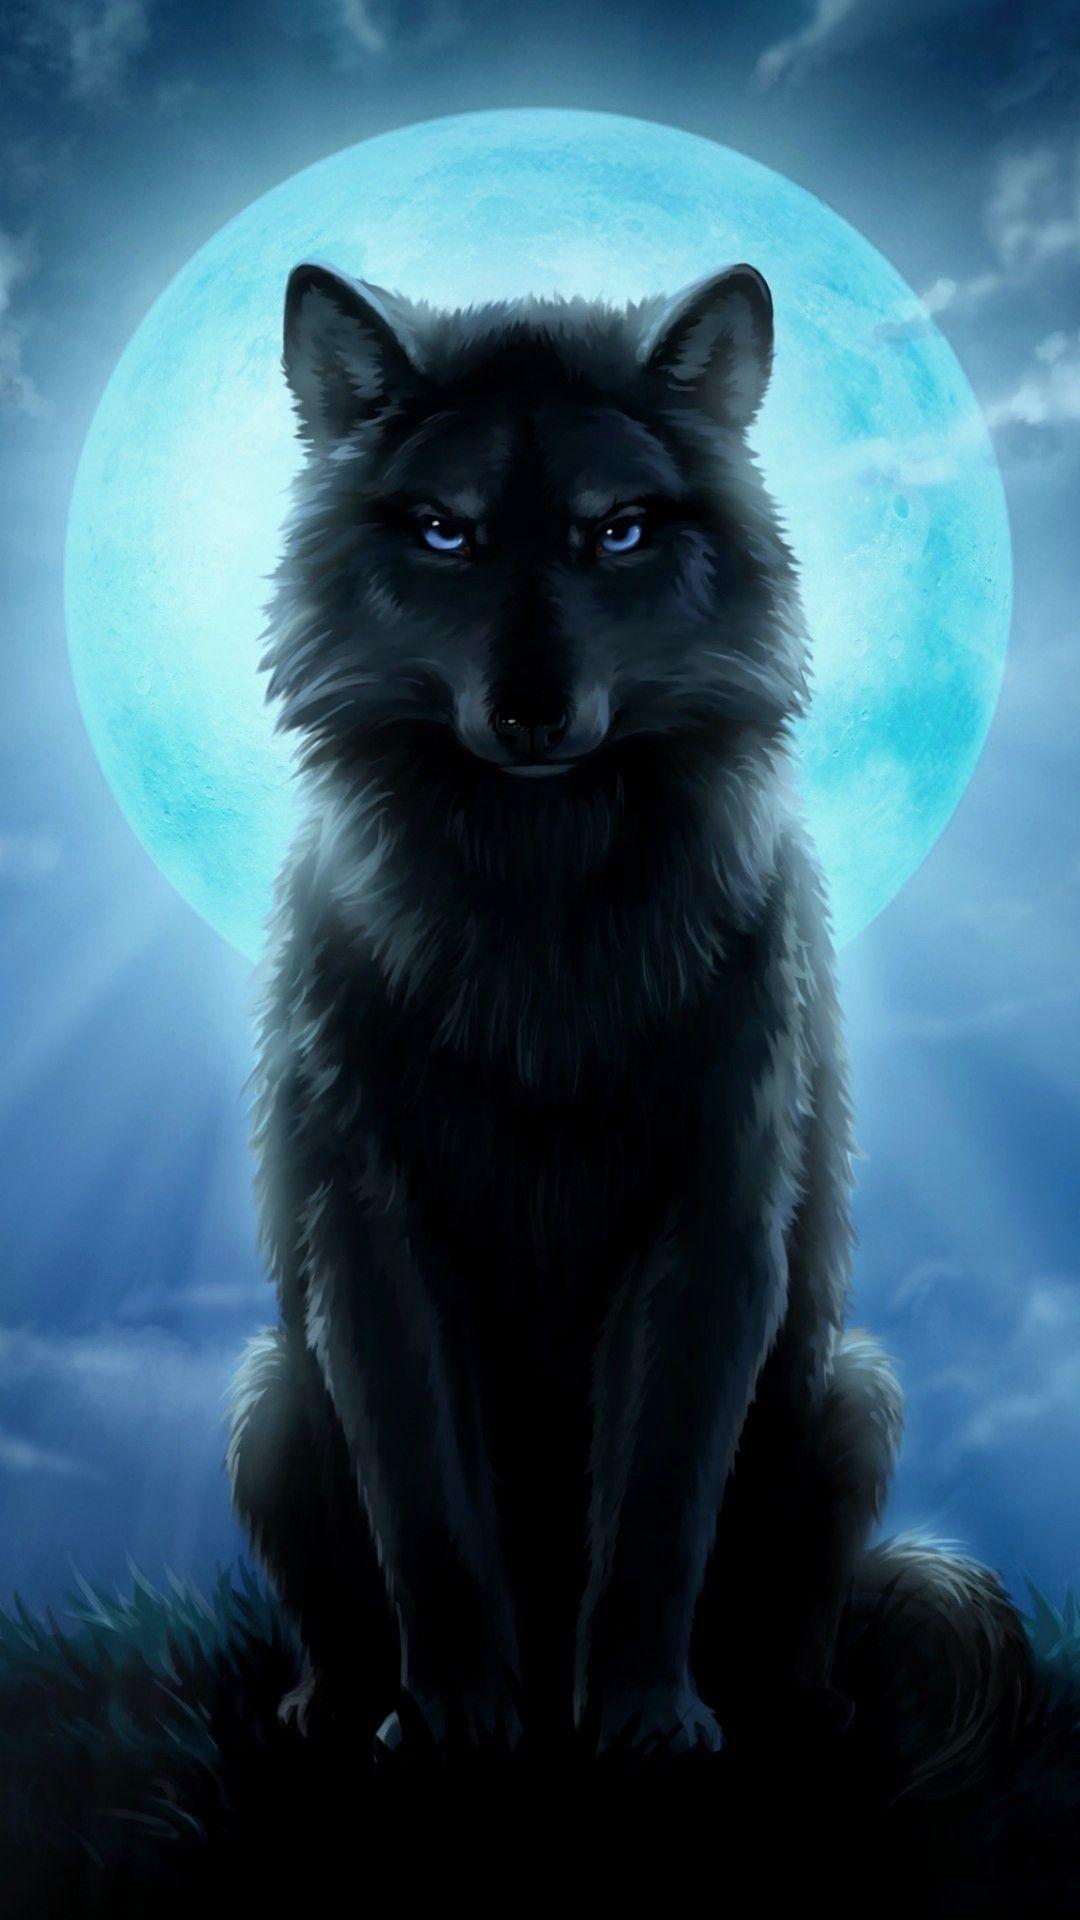 Wolf Fantasy Wolf Artwork Wolf Wallpaper Wolf Spirit Animal